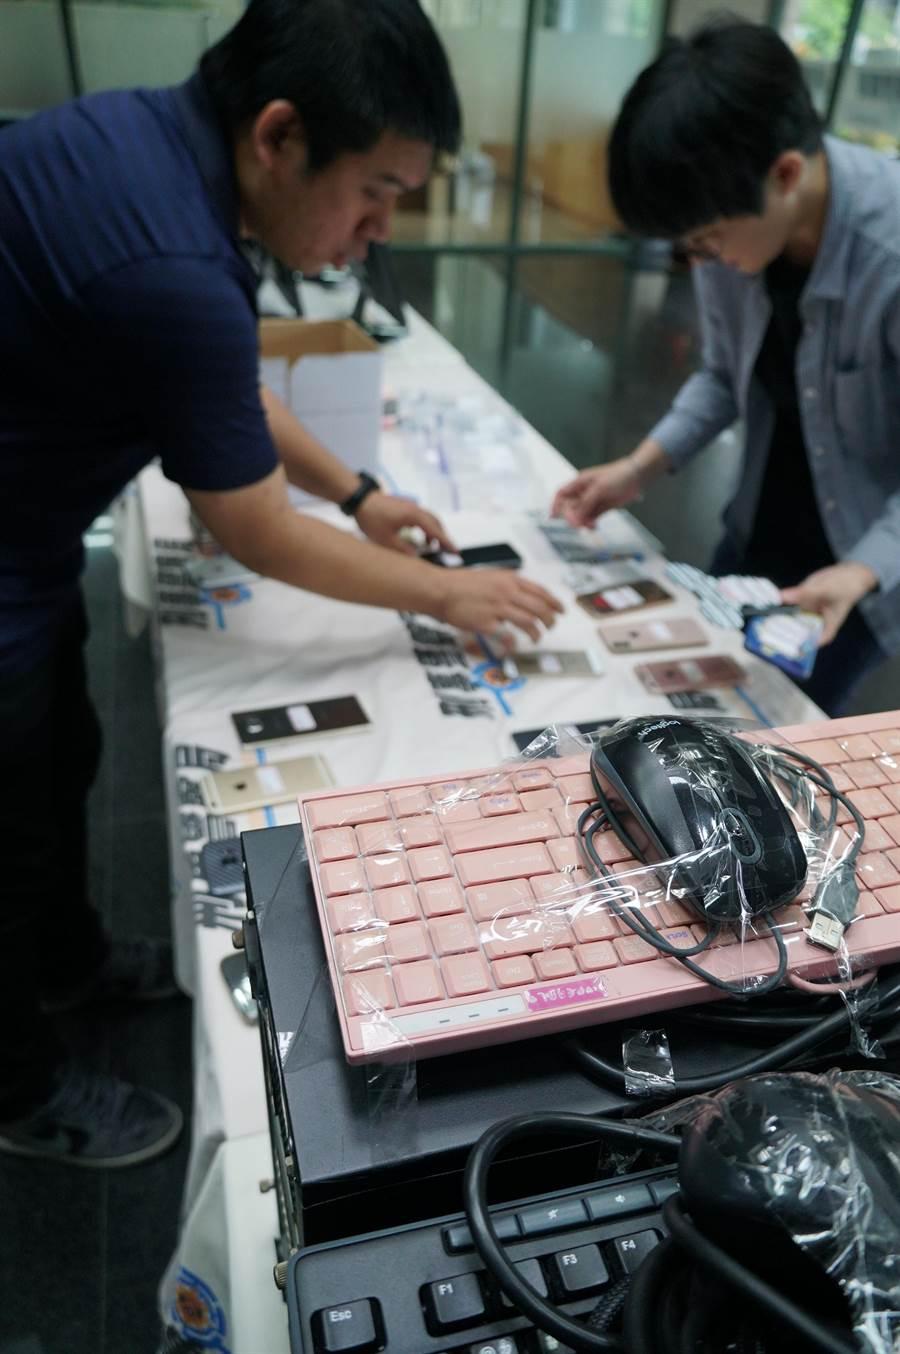 刑事警察局電信偵查大隊第二隊查獲六合彩簽賭網站,查獲手機、電腦、現金、帳冊等相關證物。(黃國峰攝)